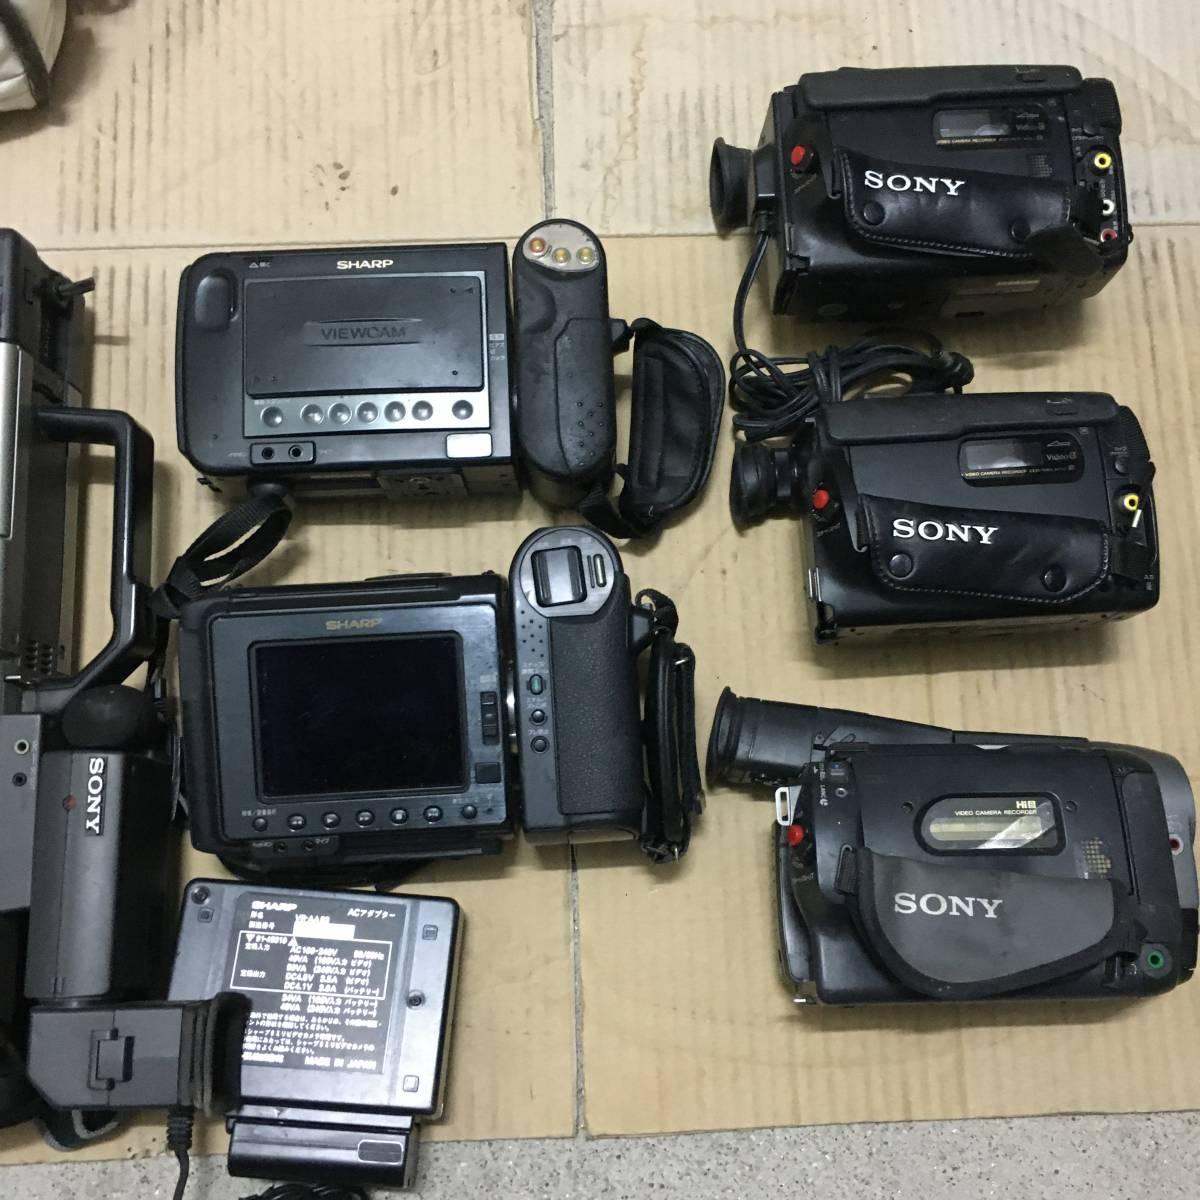 ビデオカメラ(41) 機種色々 Victor(VideoMovie) SONY(Video8,Handycam 3台) SHARP(Viewcam 2台)など まとめて 7台 部品取り ジャンク品_画像9